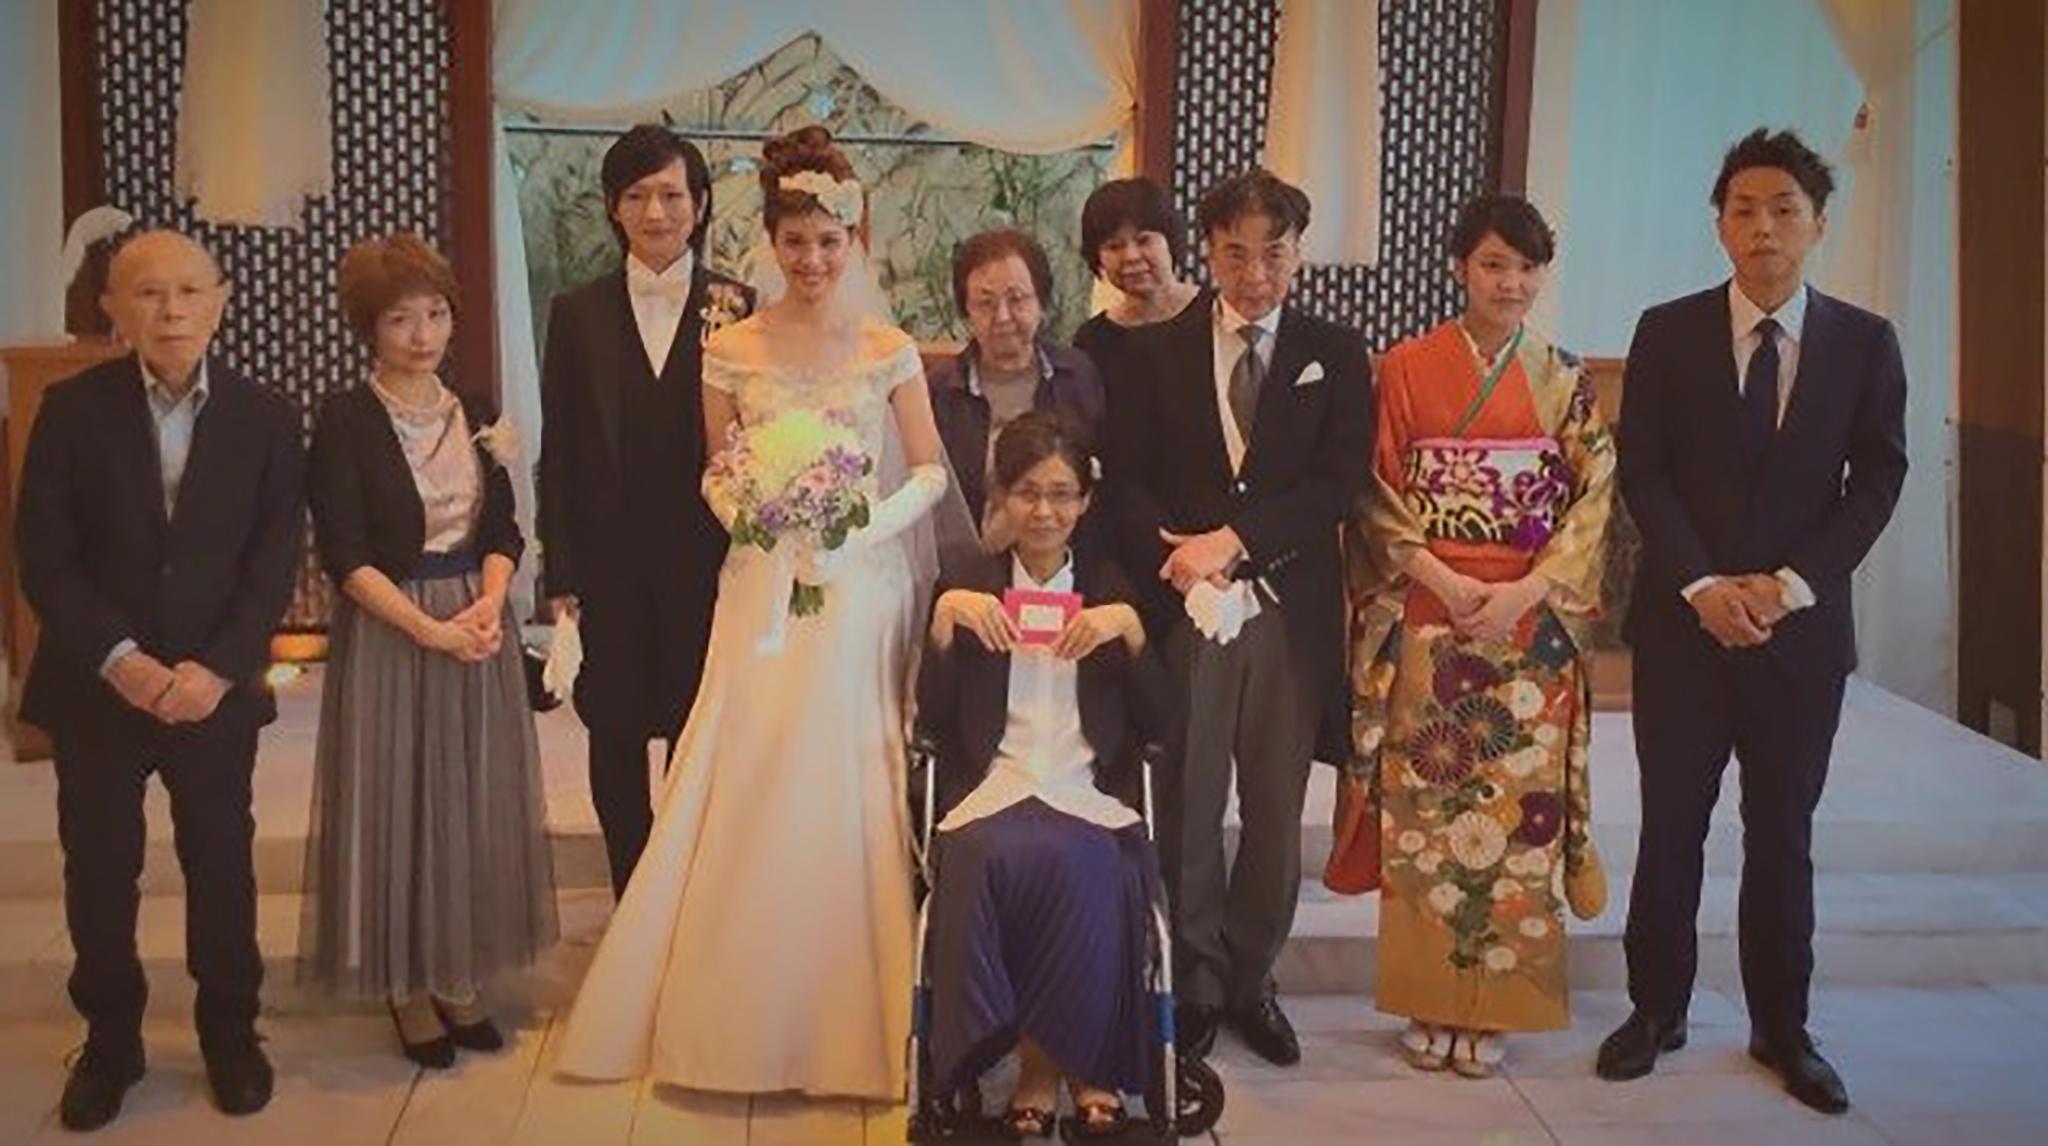 【ママ、ありがとう!】余命わずかな母へ贈るサプライズ結婚式